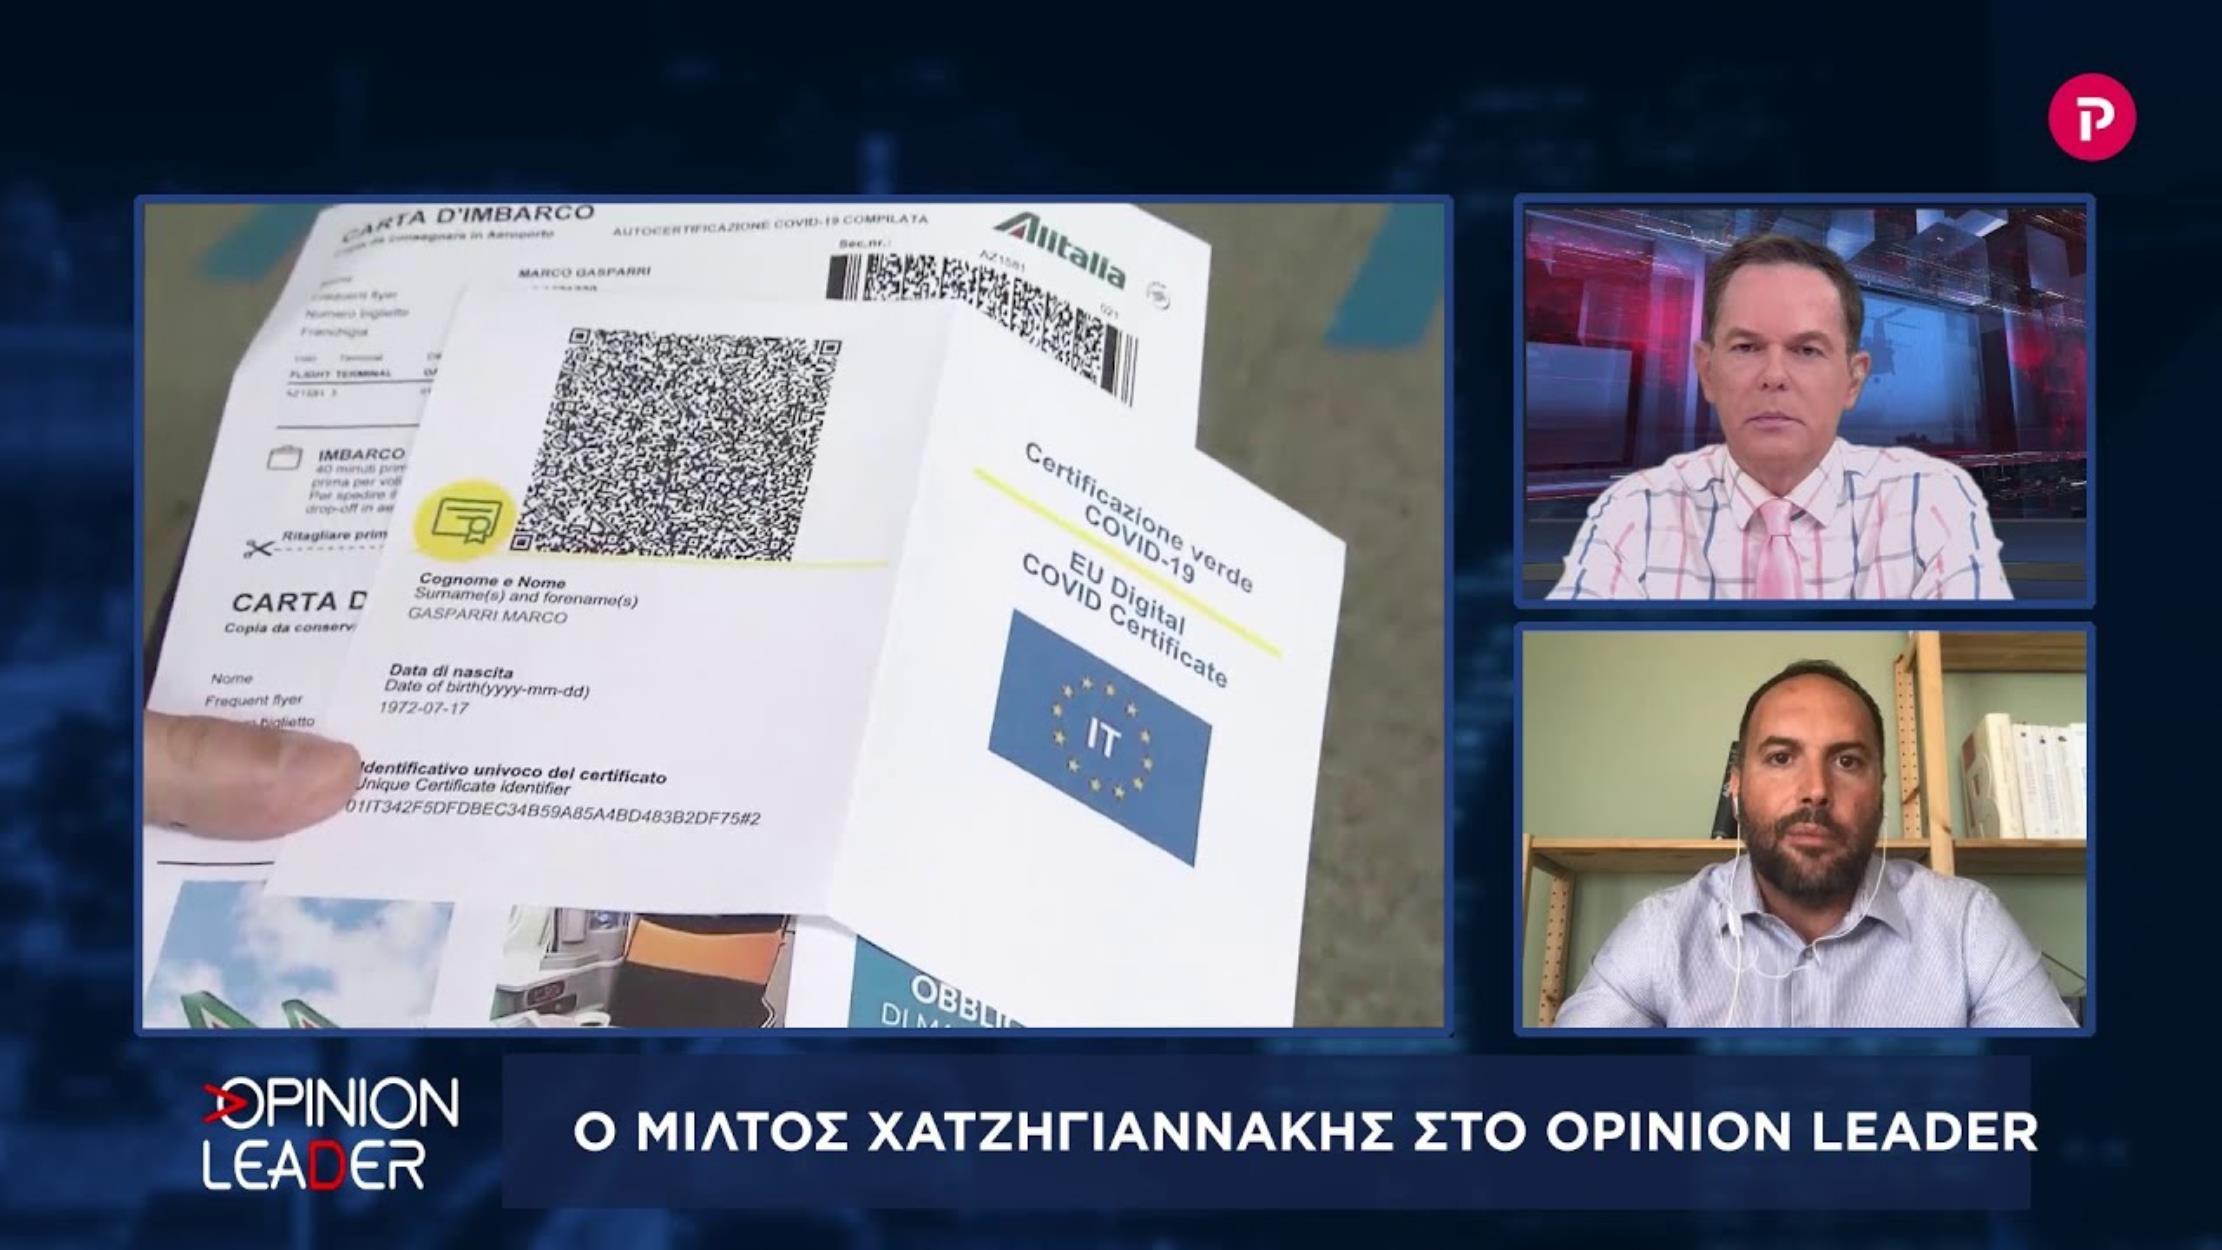 Μίλτος Χατζηγιαννάκης στο pagenews.gr